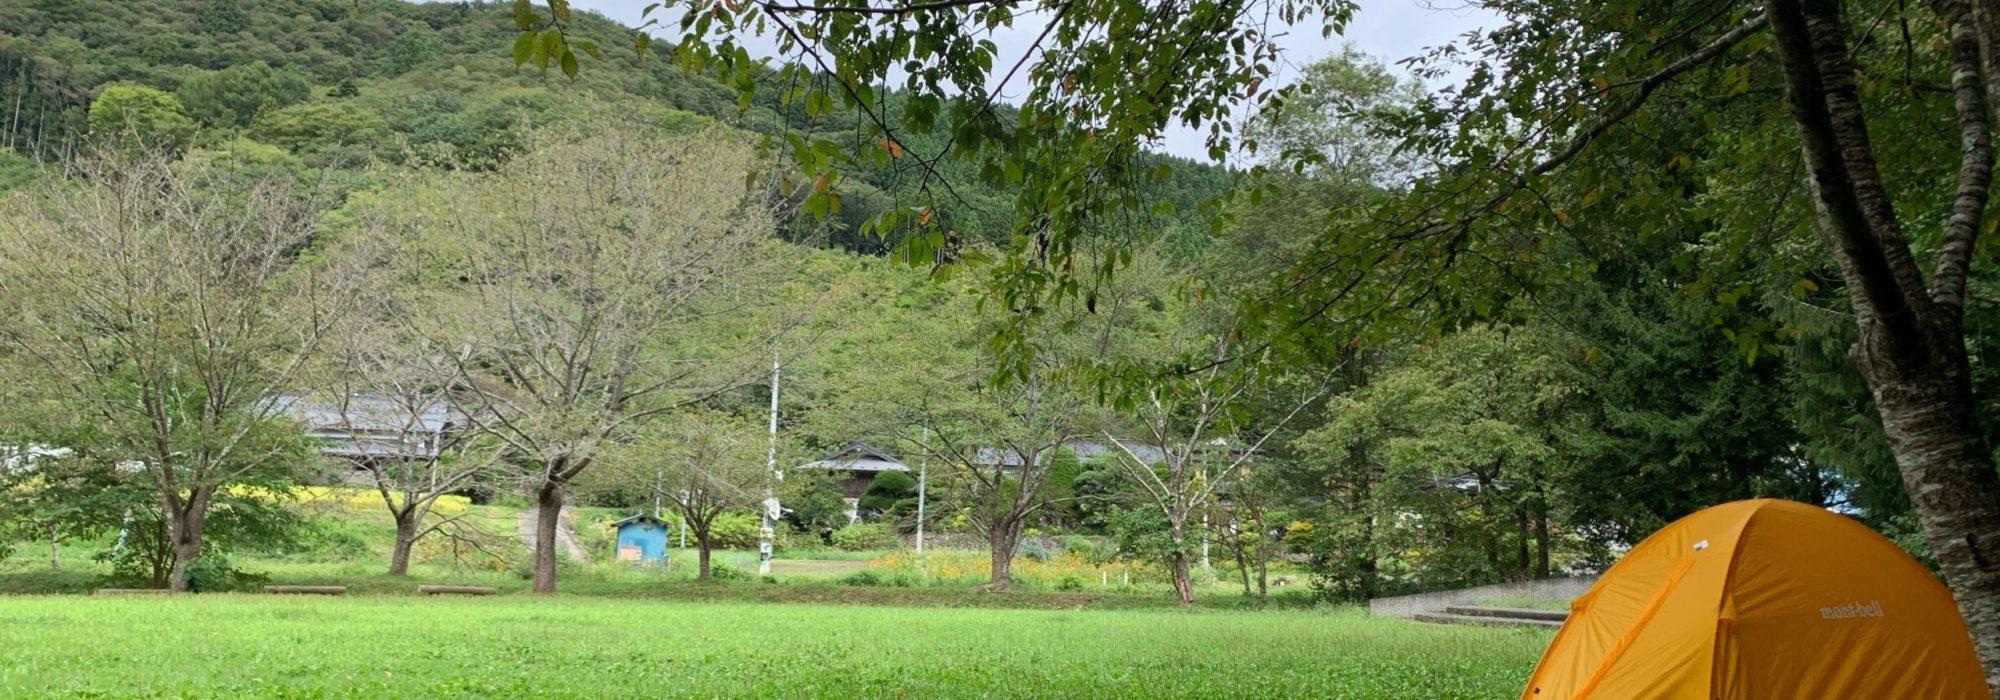 三滝堂 ふれあい公園 キャンプ キャンプ場